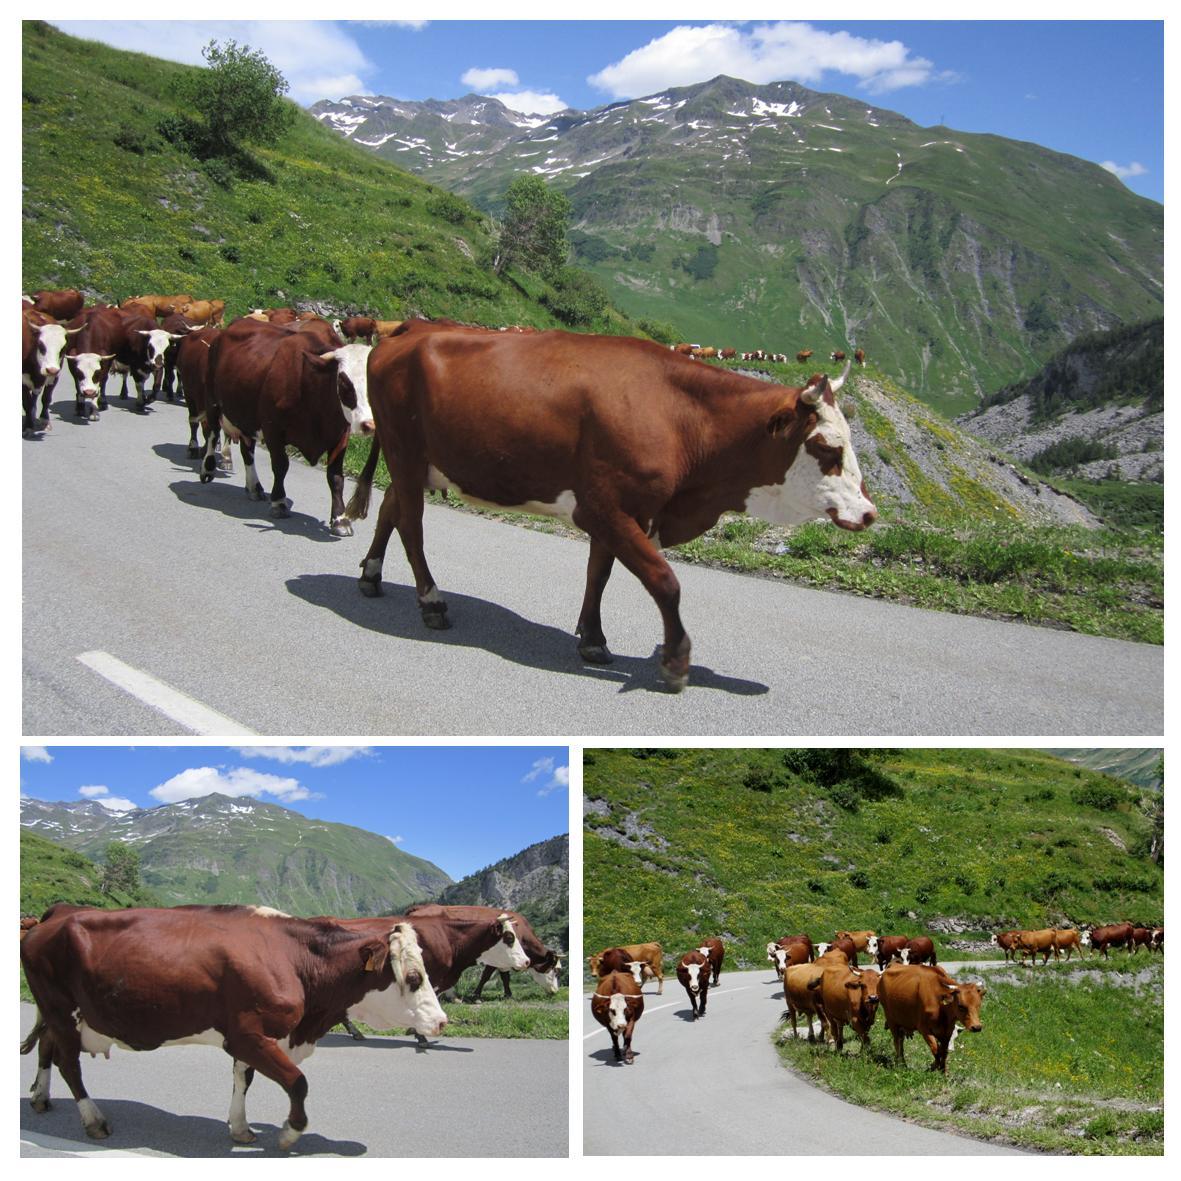 Kuer i veien i de franske alper